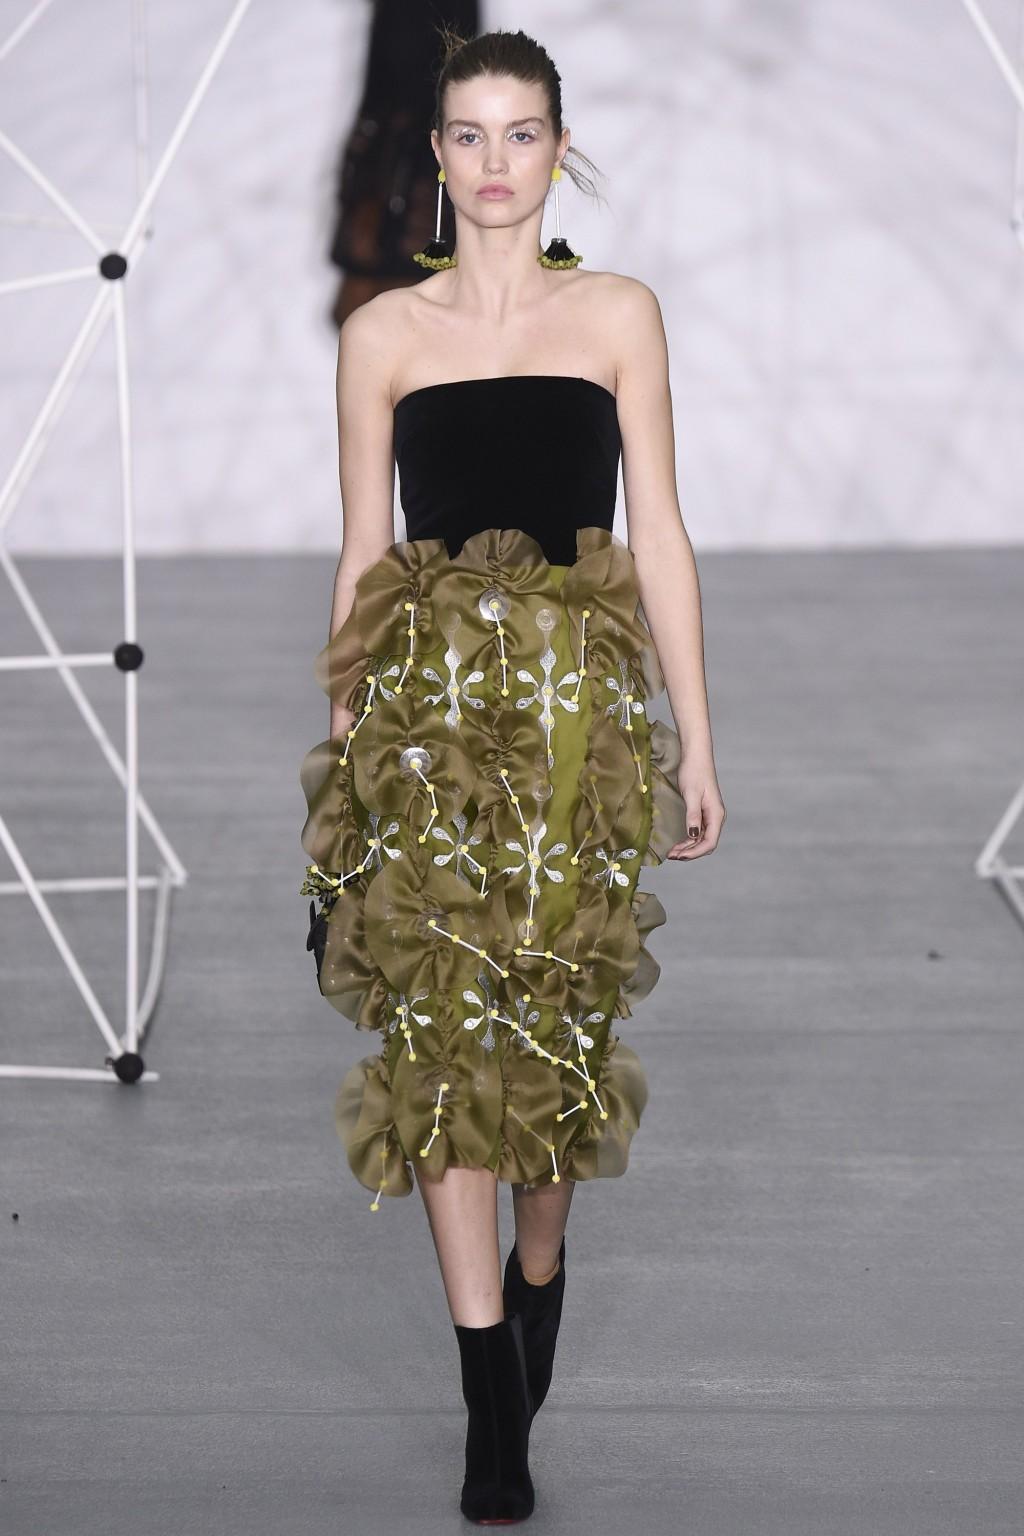 Mẫu váy nhung phối tuyệt đẹp từ BST Thu-Đông của Holly Fulton